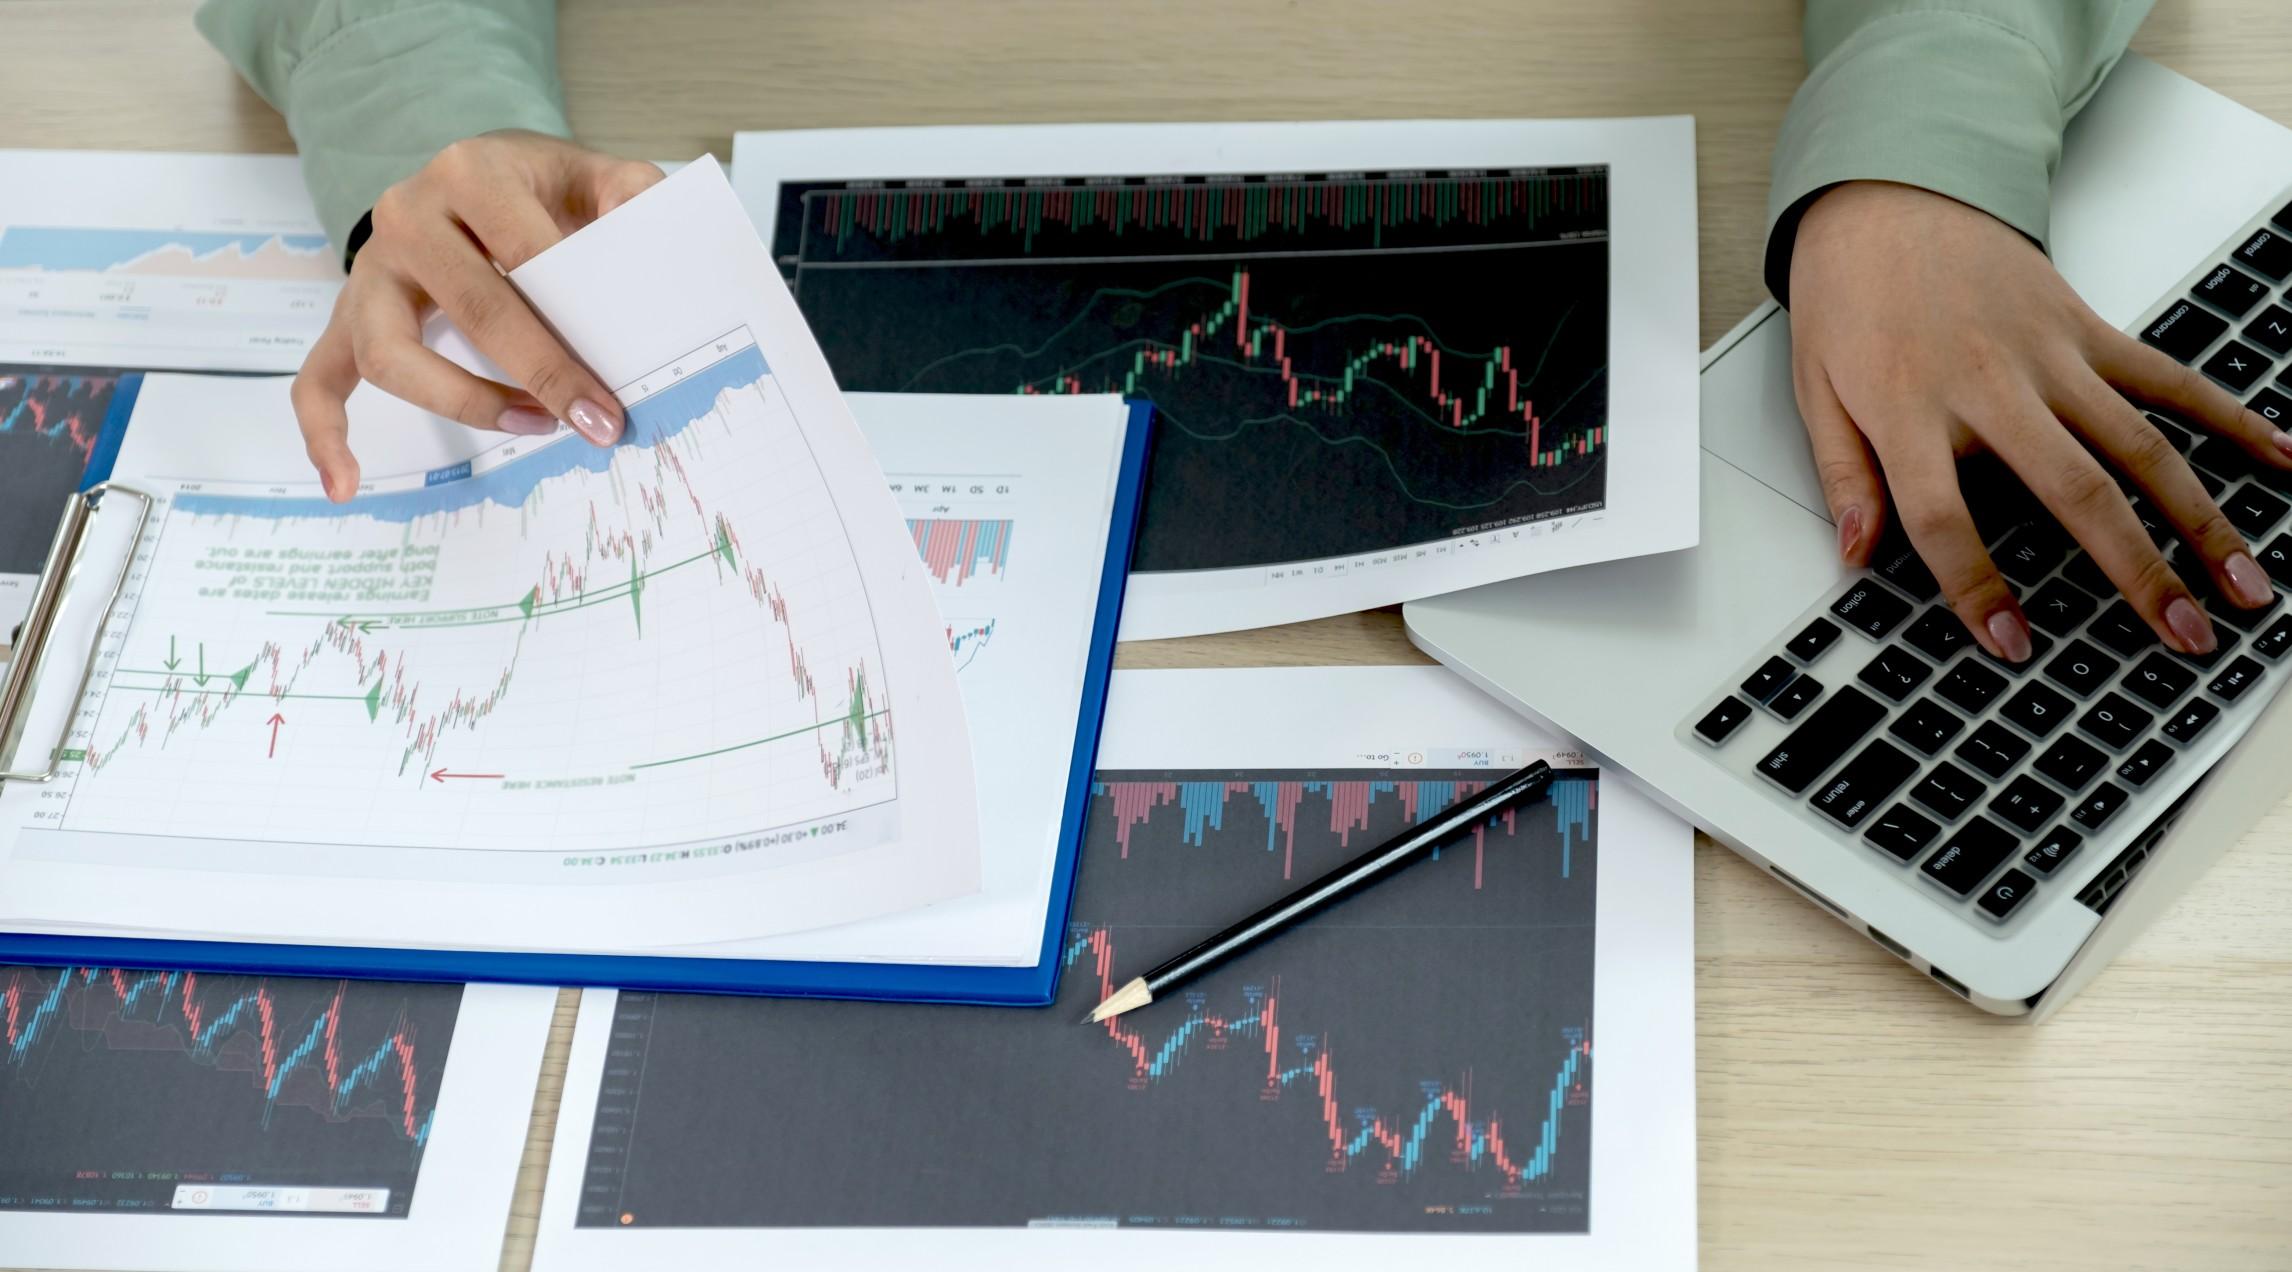 Die Kosten bei Fonds und Investment Alternativen können die Rendite erheblich beeinflussen. Foto: Lucky7trader via Twenty20